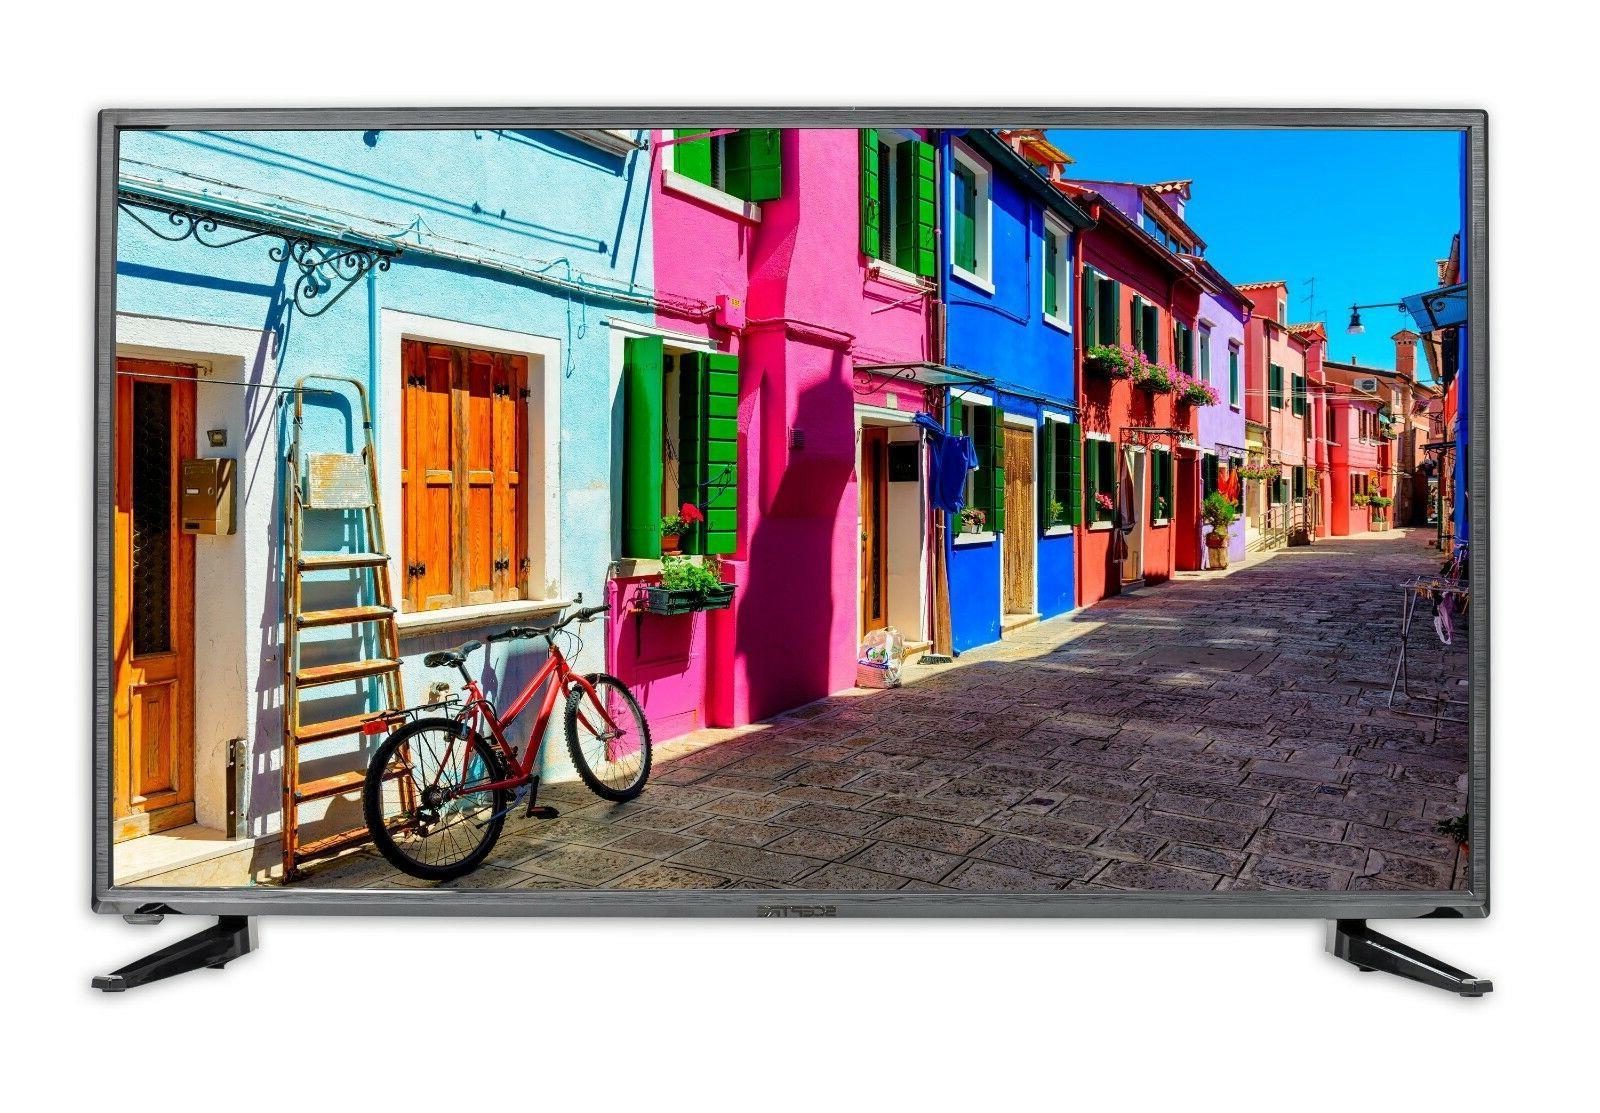 40 class fhd 1080p led tv hdmi